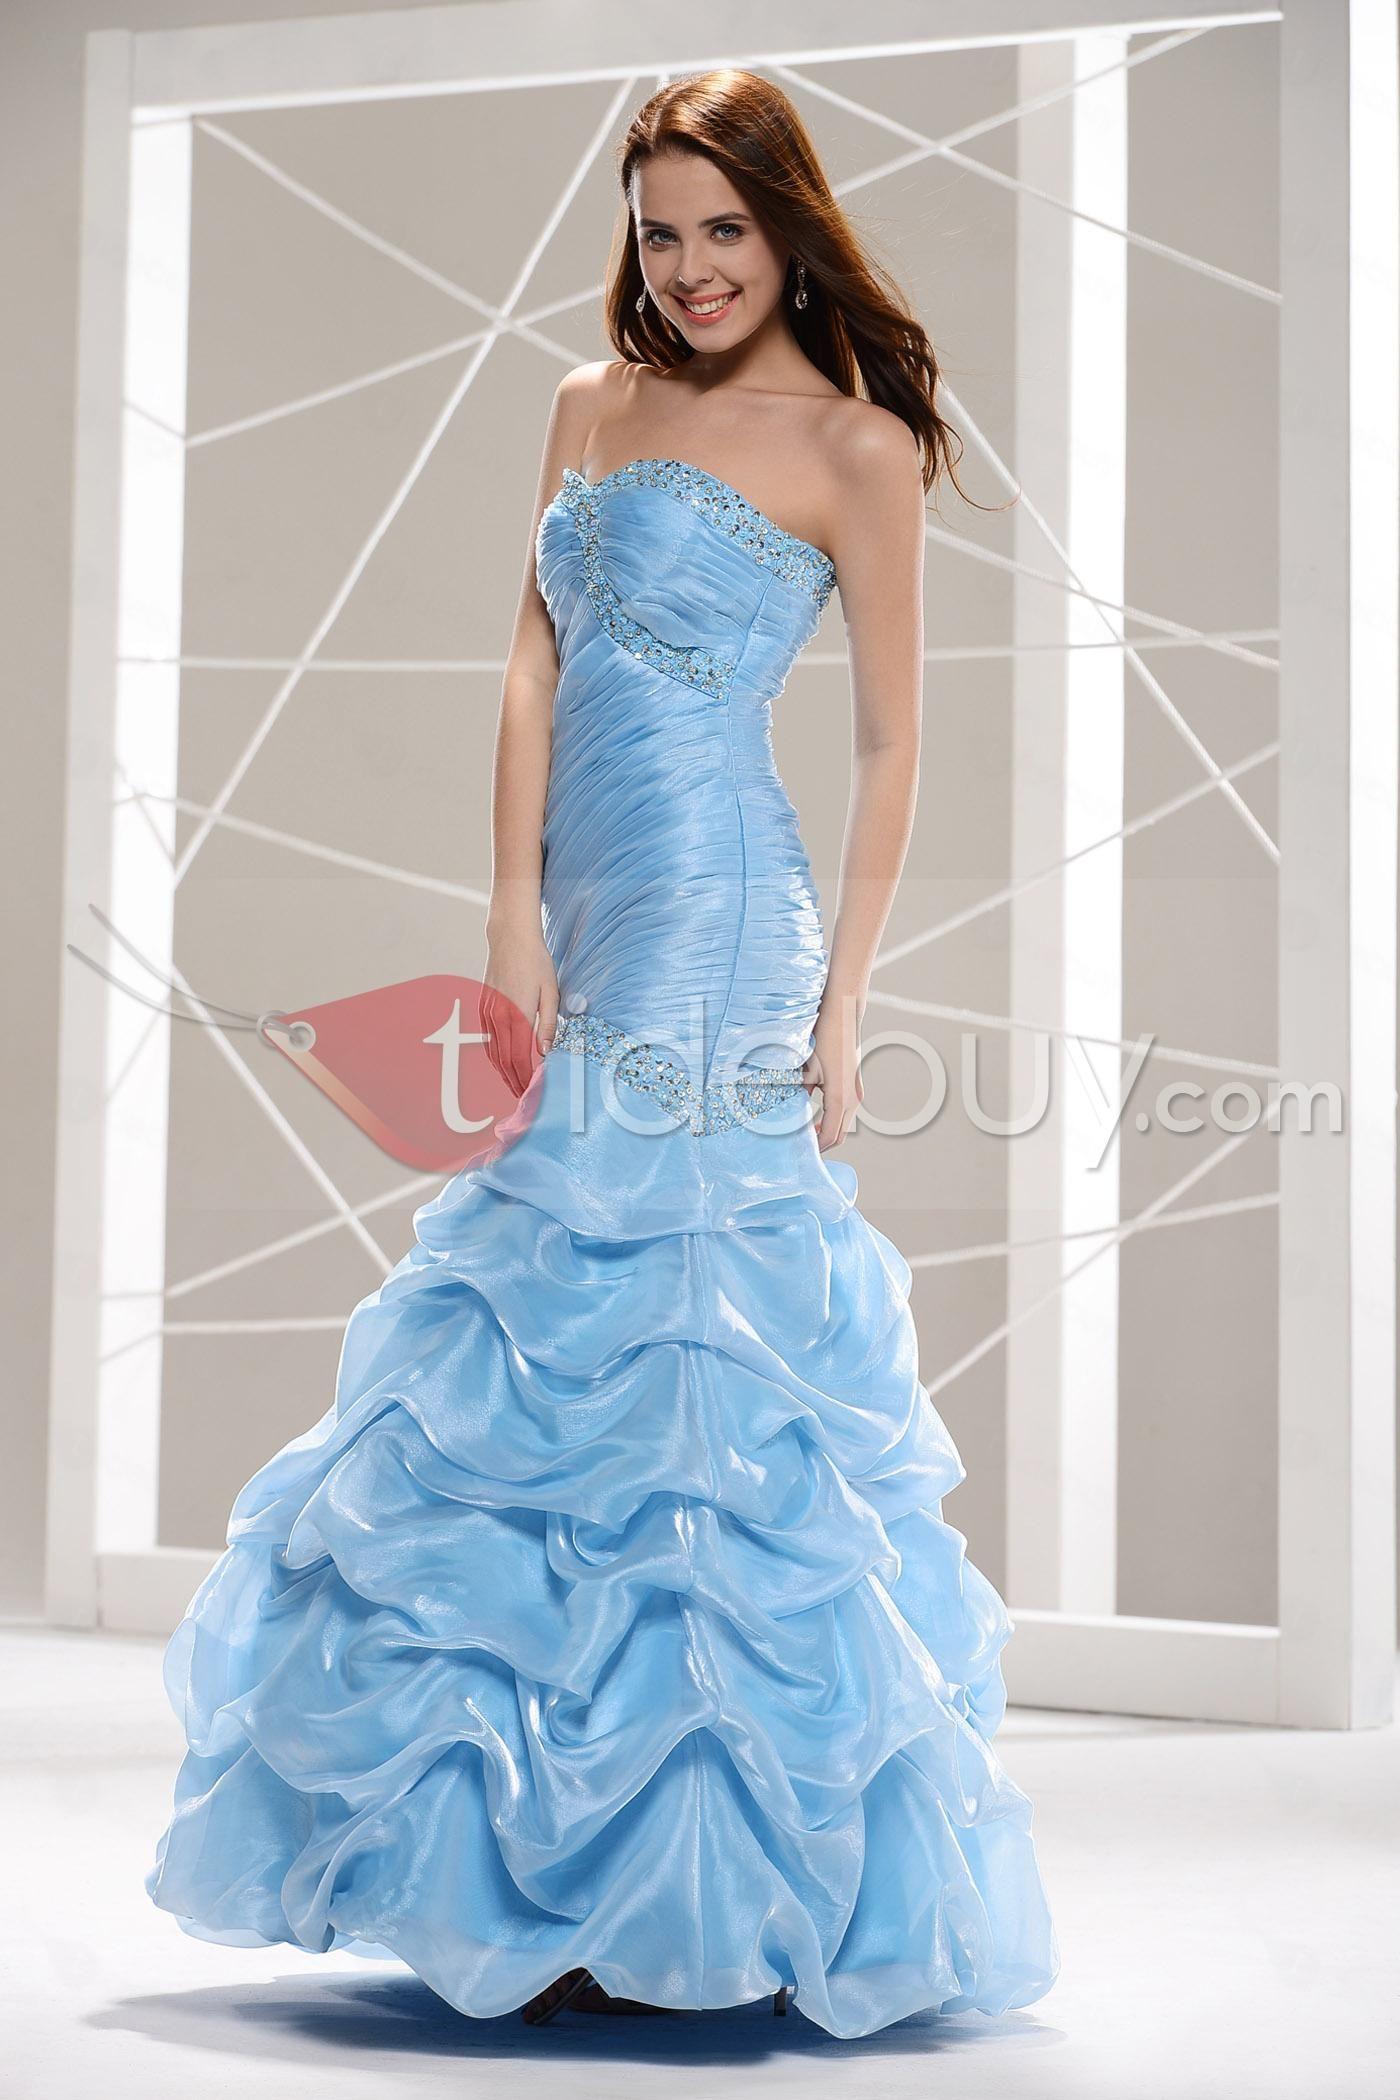 Vestido de Prom/Fiesta con Escote Corazón y Adornos Listones y Dobladillo Largo al Piso y Silueta Sirena (Envío Gratuito)